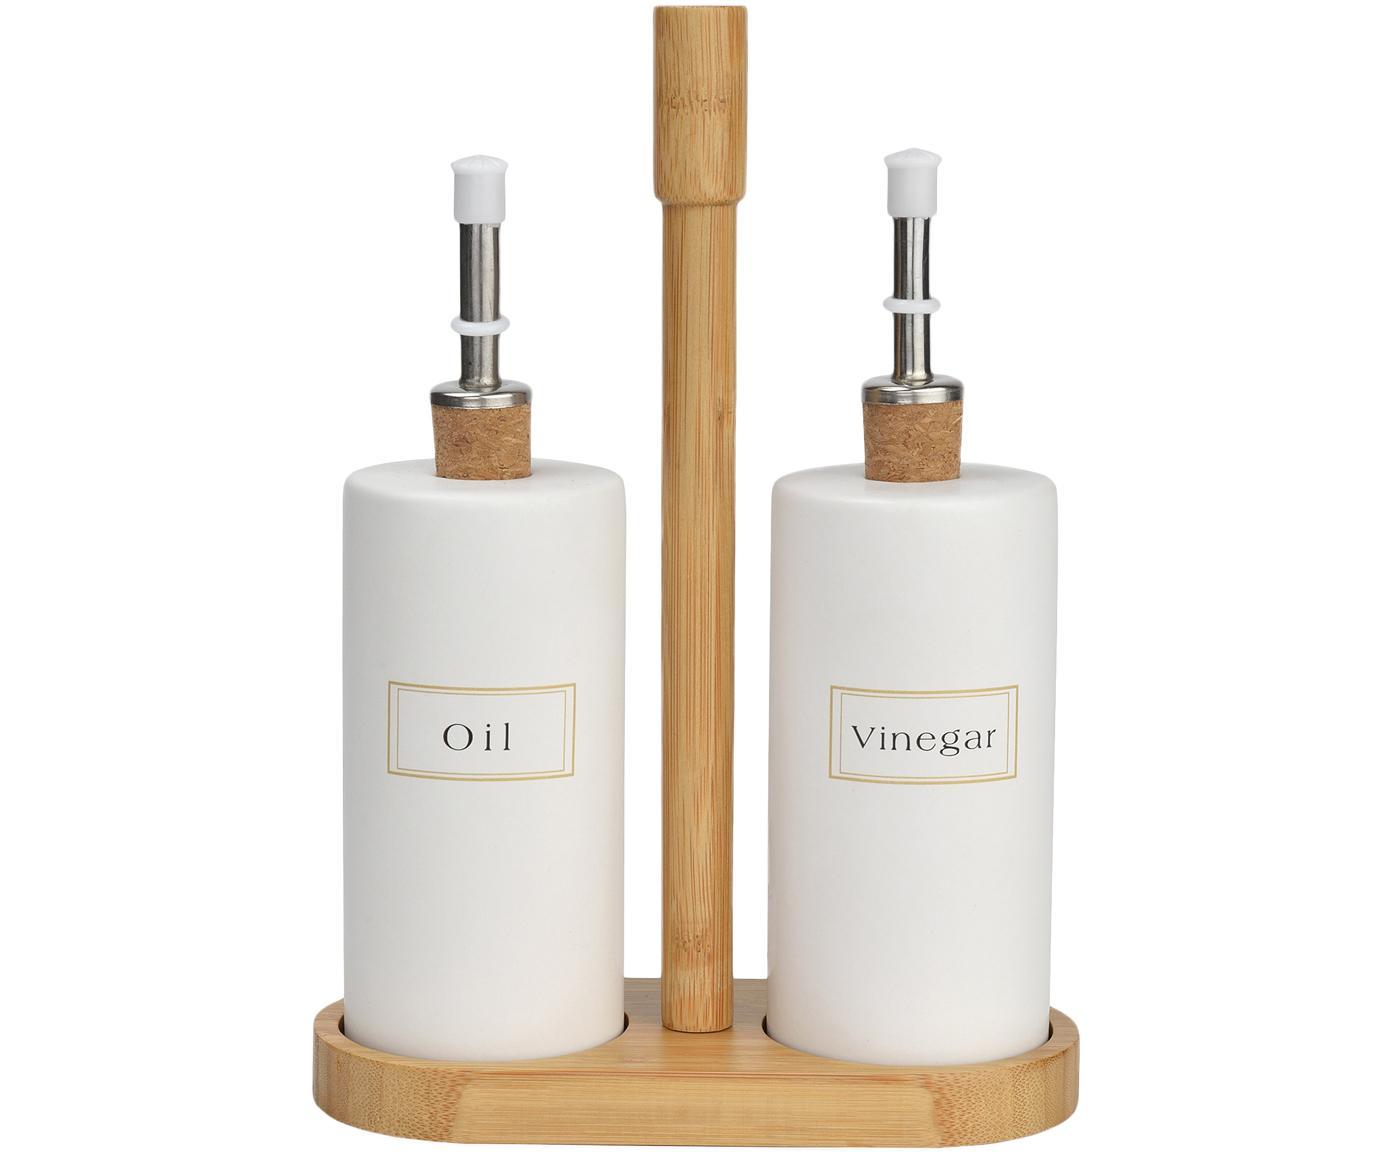 Set olio e aceto con supporto in bambù Lamina 3 pz, Ceramica, bambù, Bianco, bambù, Diverse dimensioni